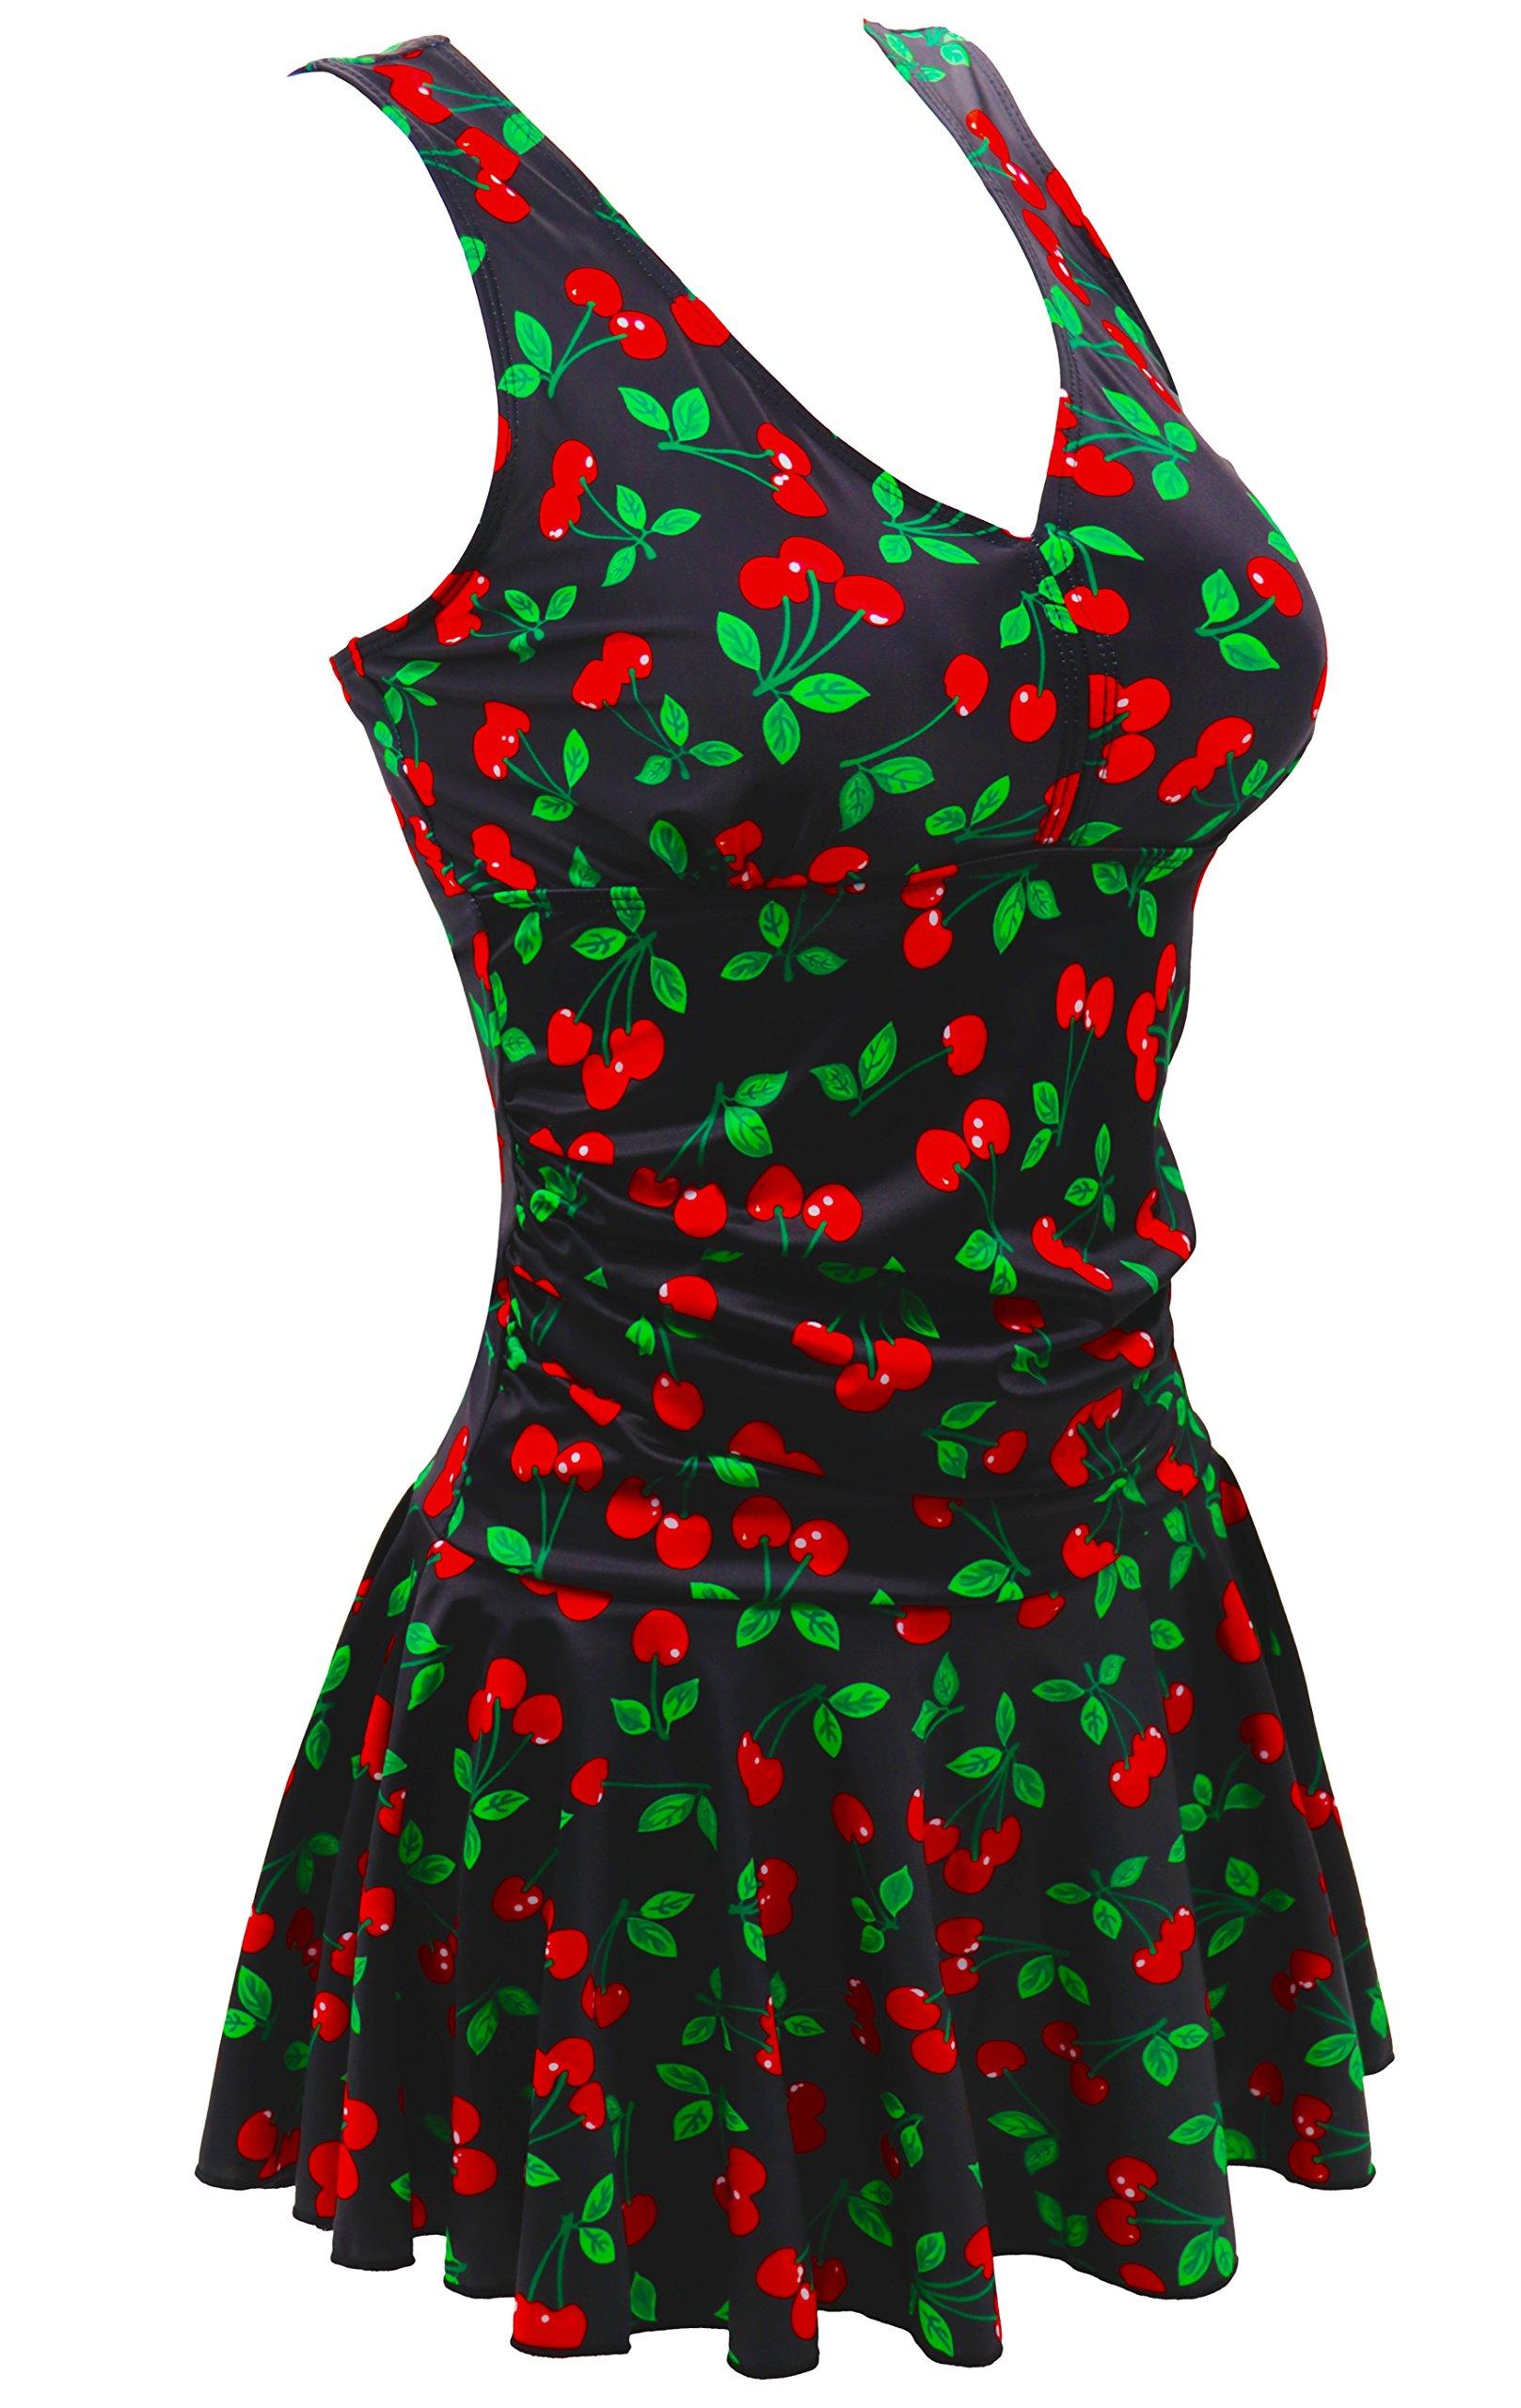 AONTUS Women's Plus-Size Polka Dot Shaping Body One Piece Swim Dresses Swimsuits (XX-Large(US Size:18W-20W), Cherry)